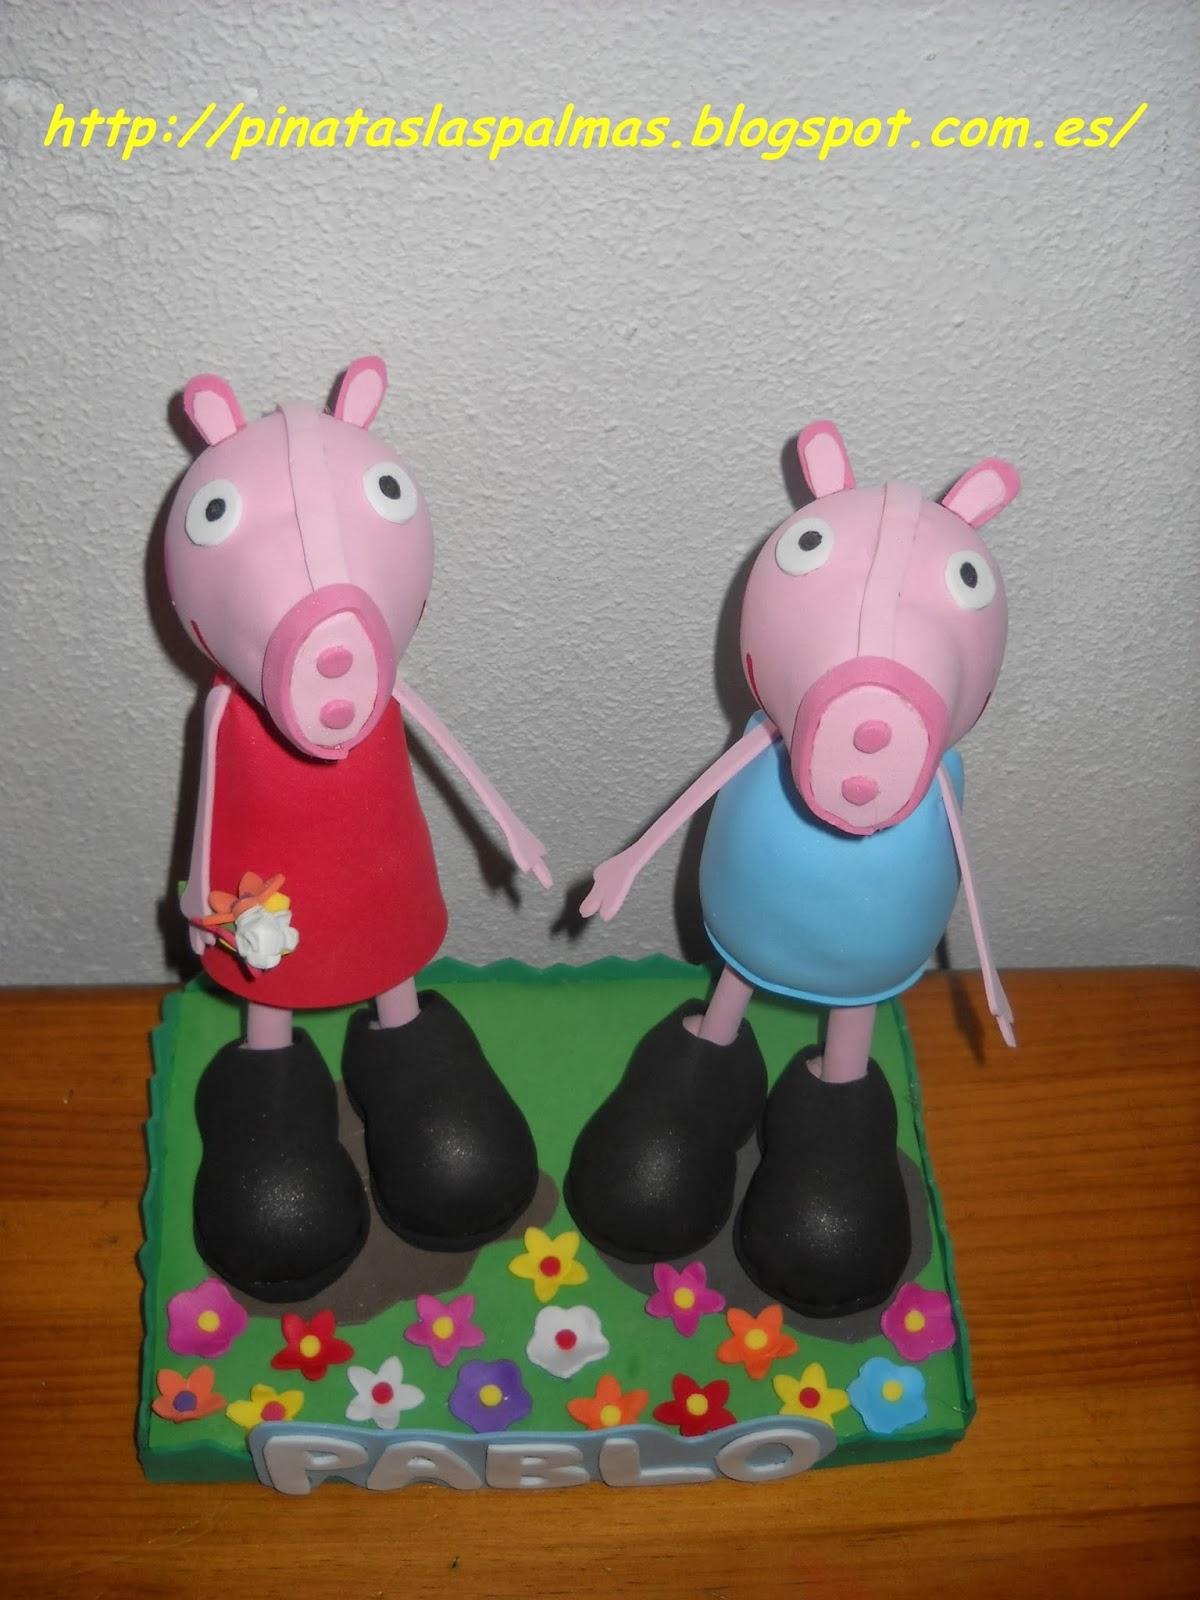 Piñatas Las Palmas: Fofucha de Peppa Pig